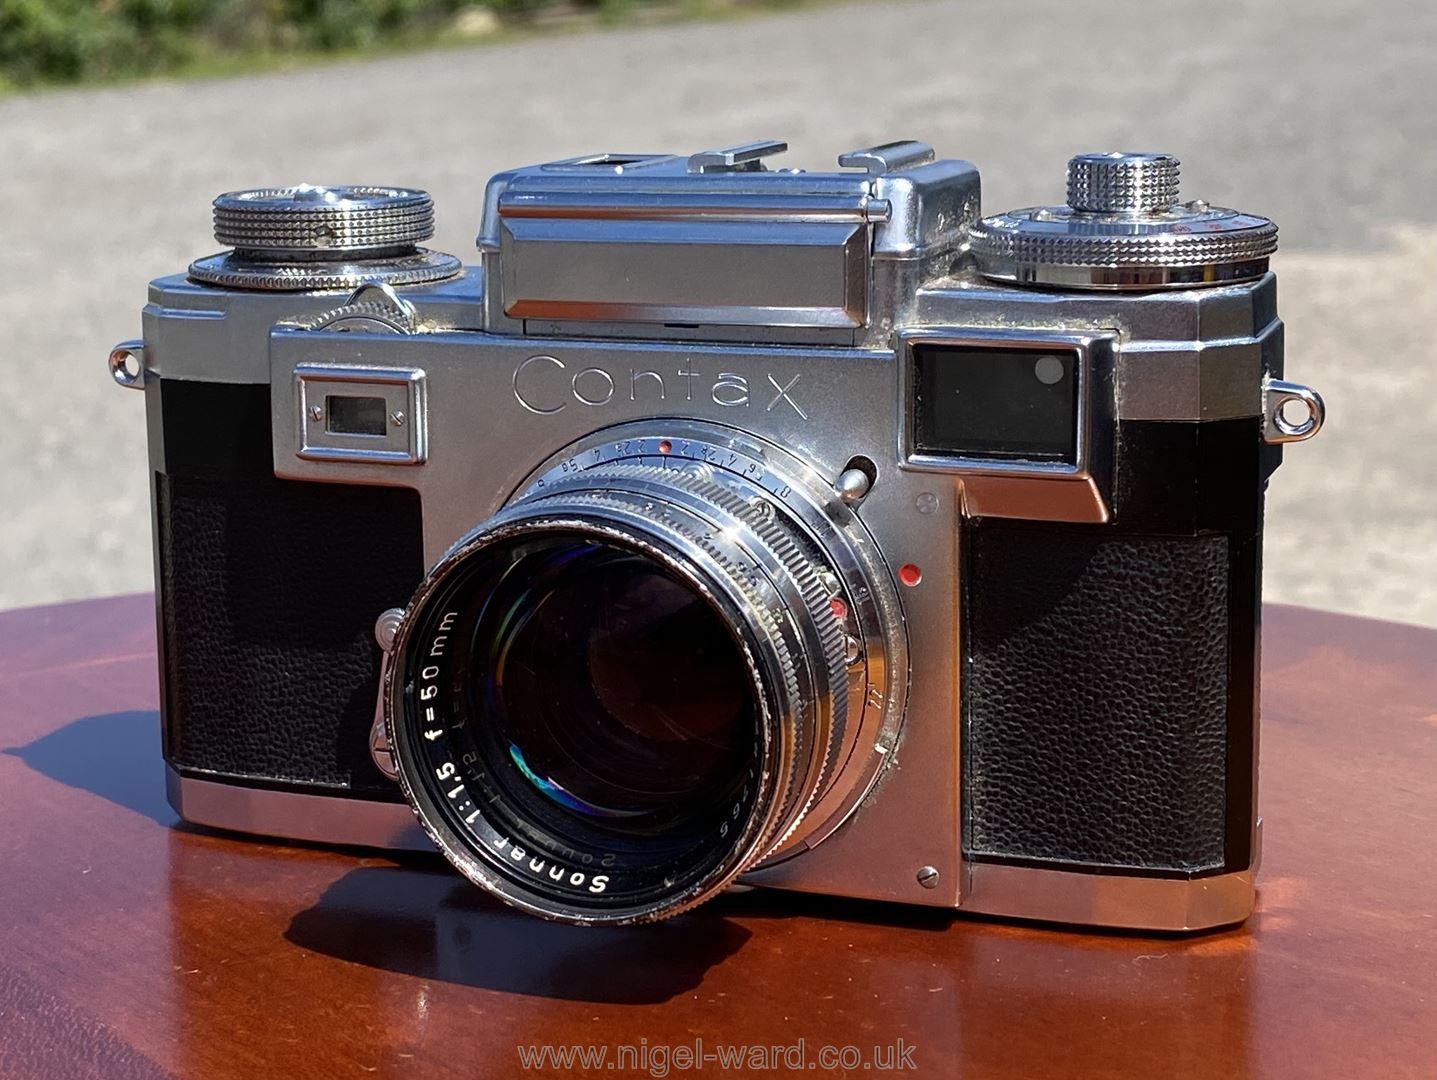 A Circa 1950's - 60's Zeiss Ikon Stuttgart Contax IIIa 35mm Range Finder Camera with a Carl Zeiss